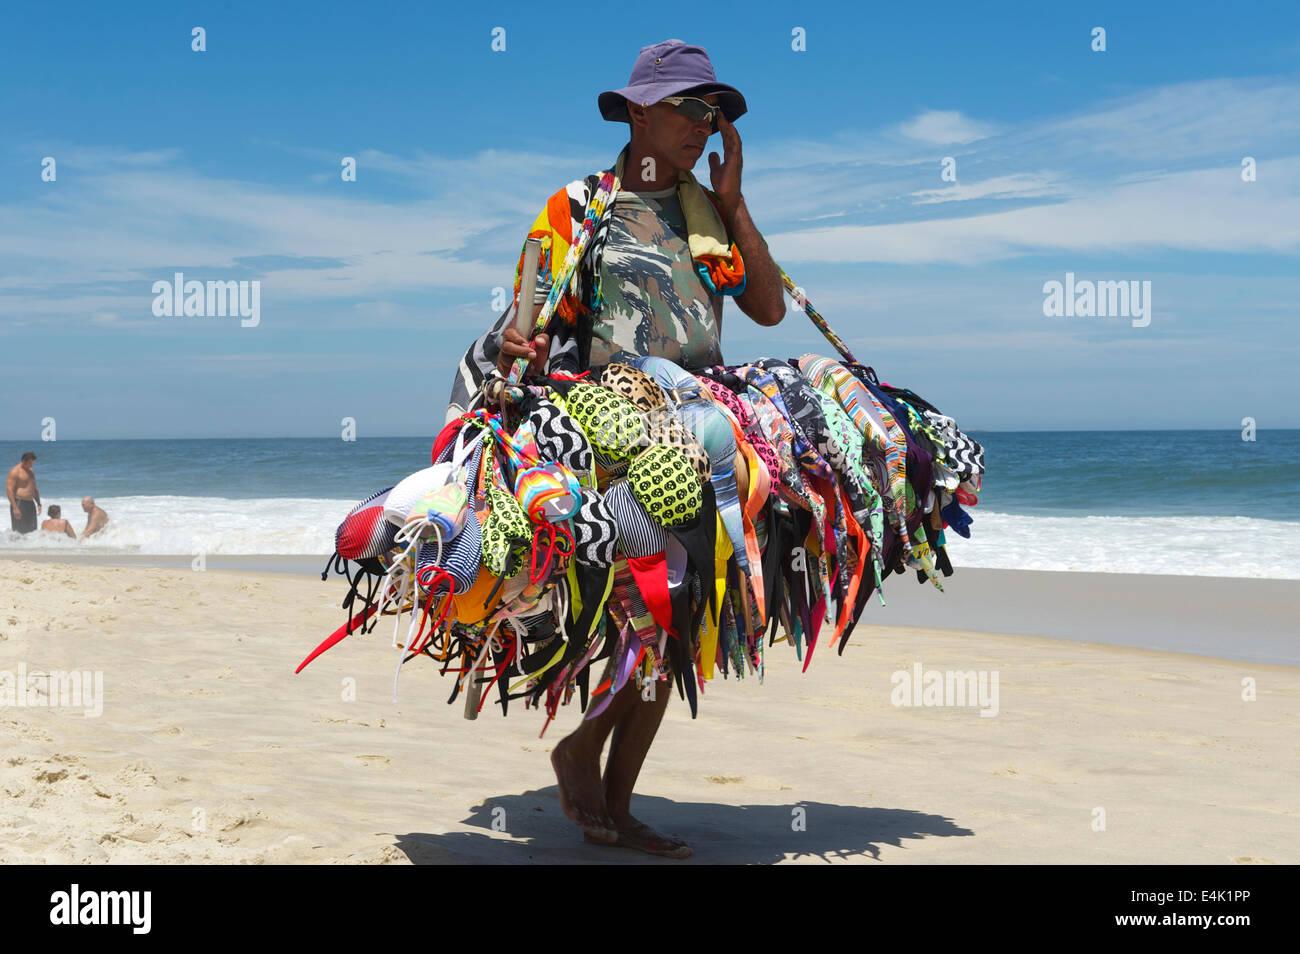 RIO DE JANEIRO, BRASIL - Marzo 2013: un proveedor de Playa Venta de bikinis lleva su mercancía a lo largo de Imagen De Stock